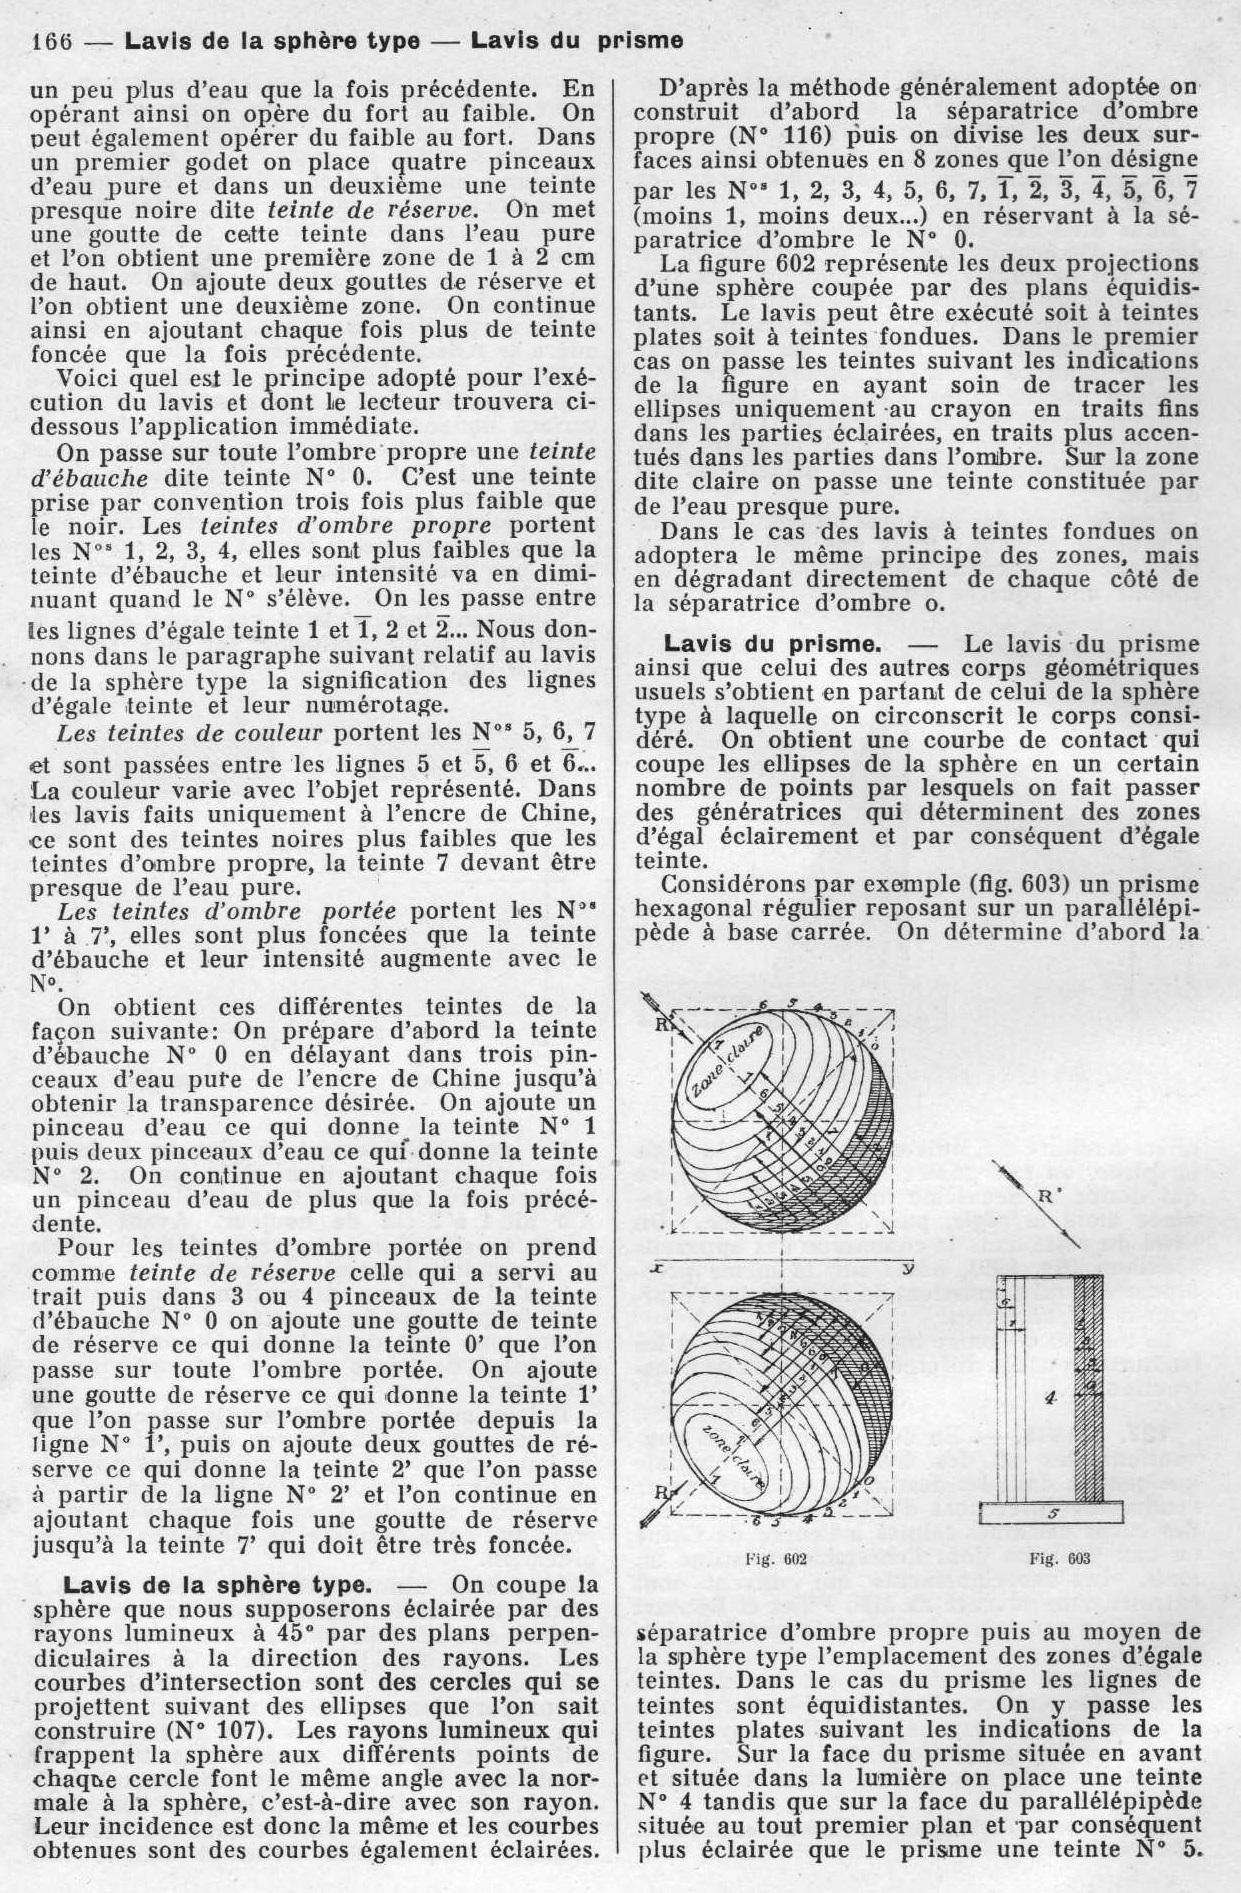 127. Lavis de la sphère type, du prisme..